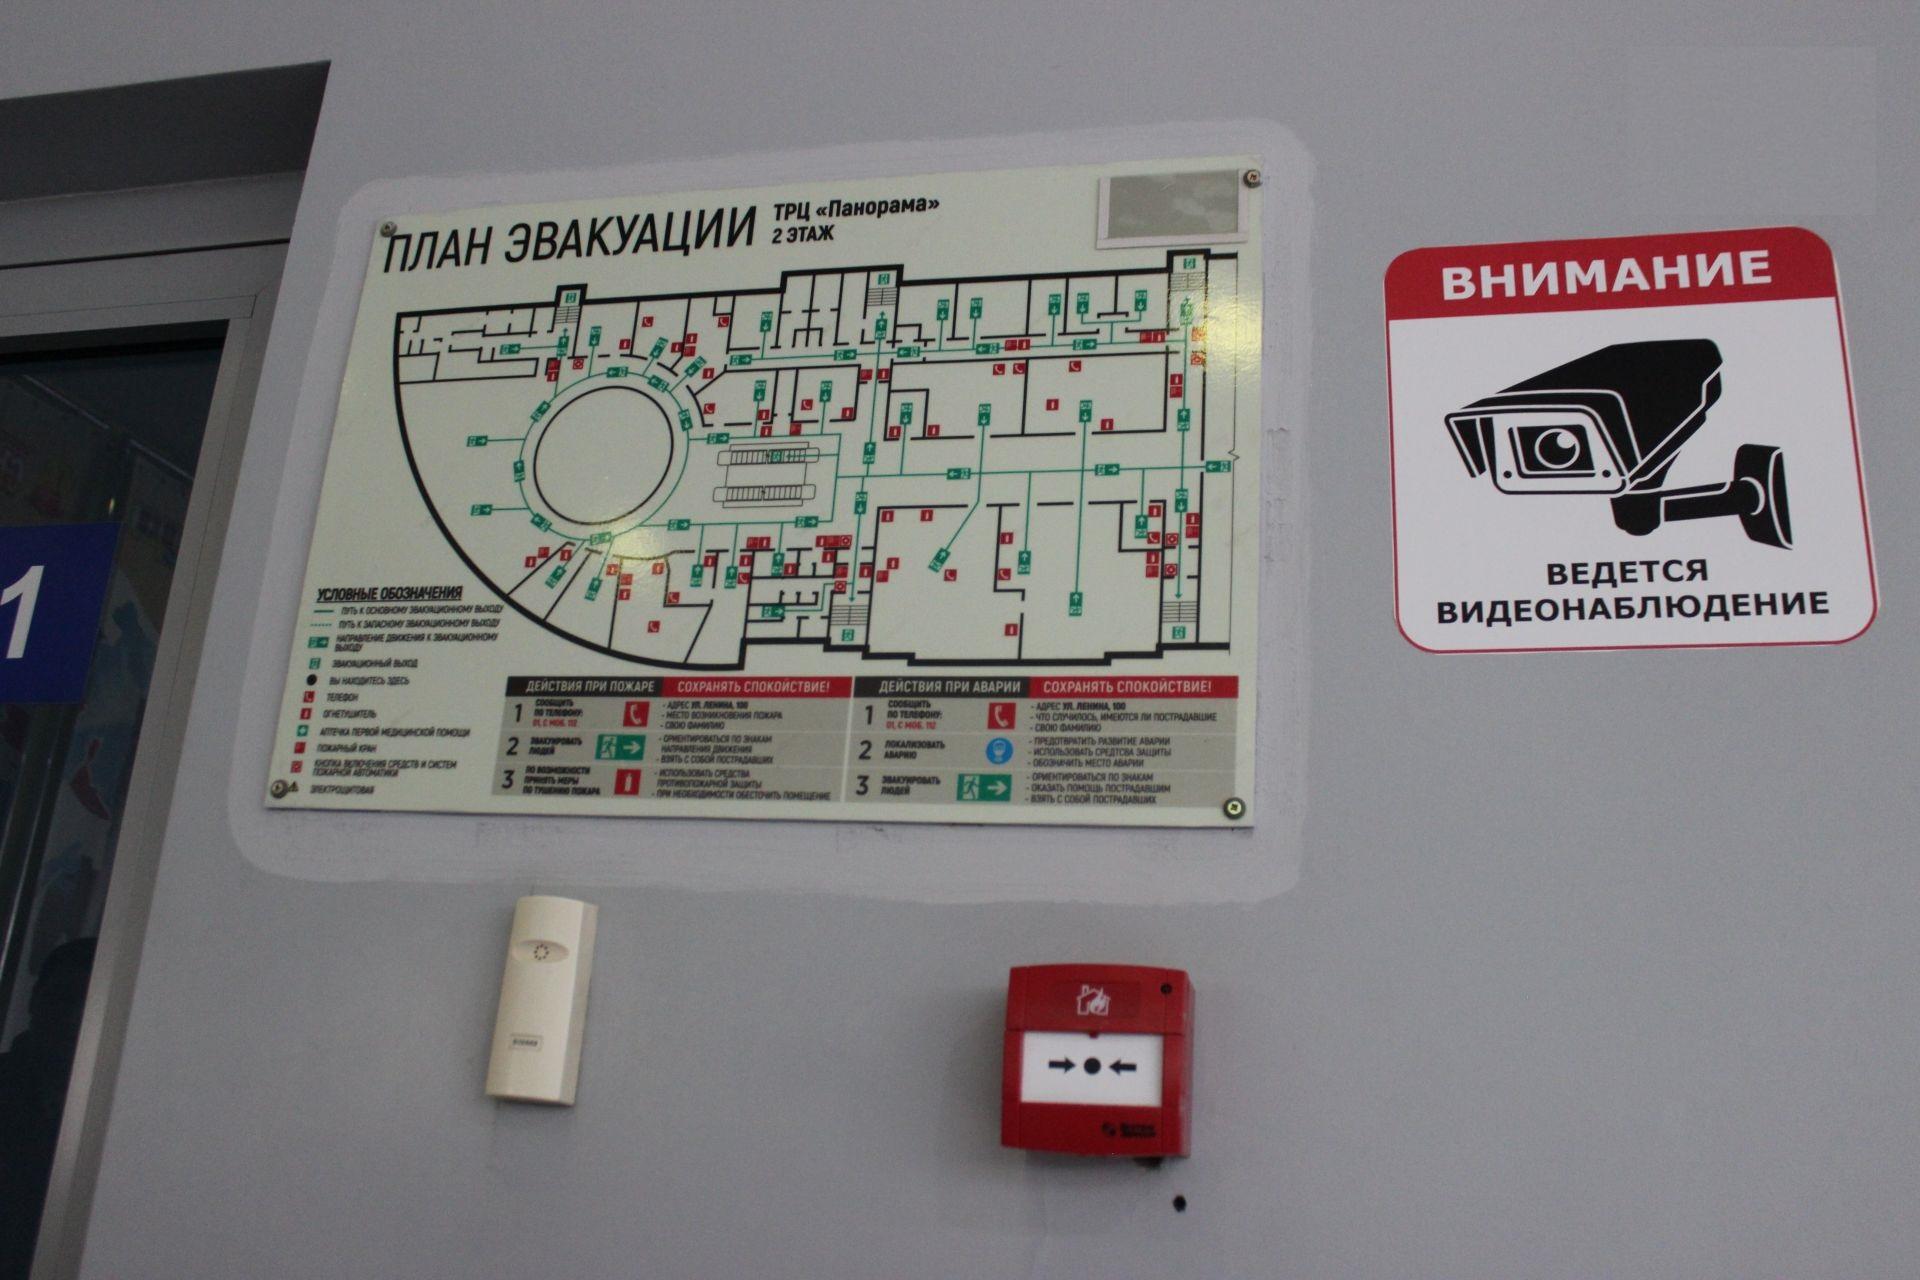 Планы эвакуации размещаются на видных местах в здании - на стенах помещений и коридоров, на всем протяжении пути выхода.